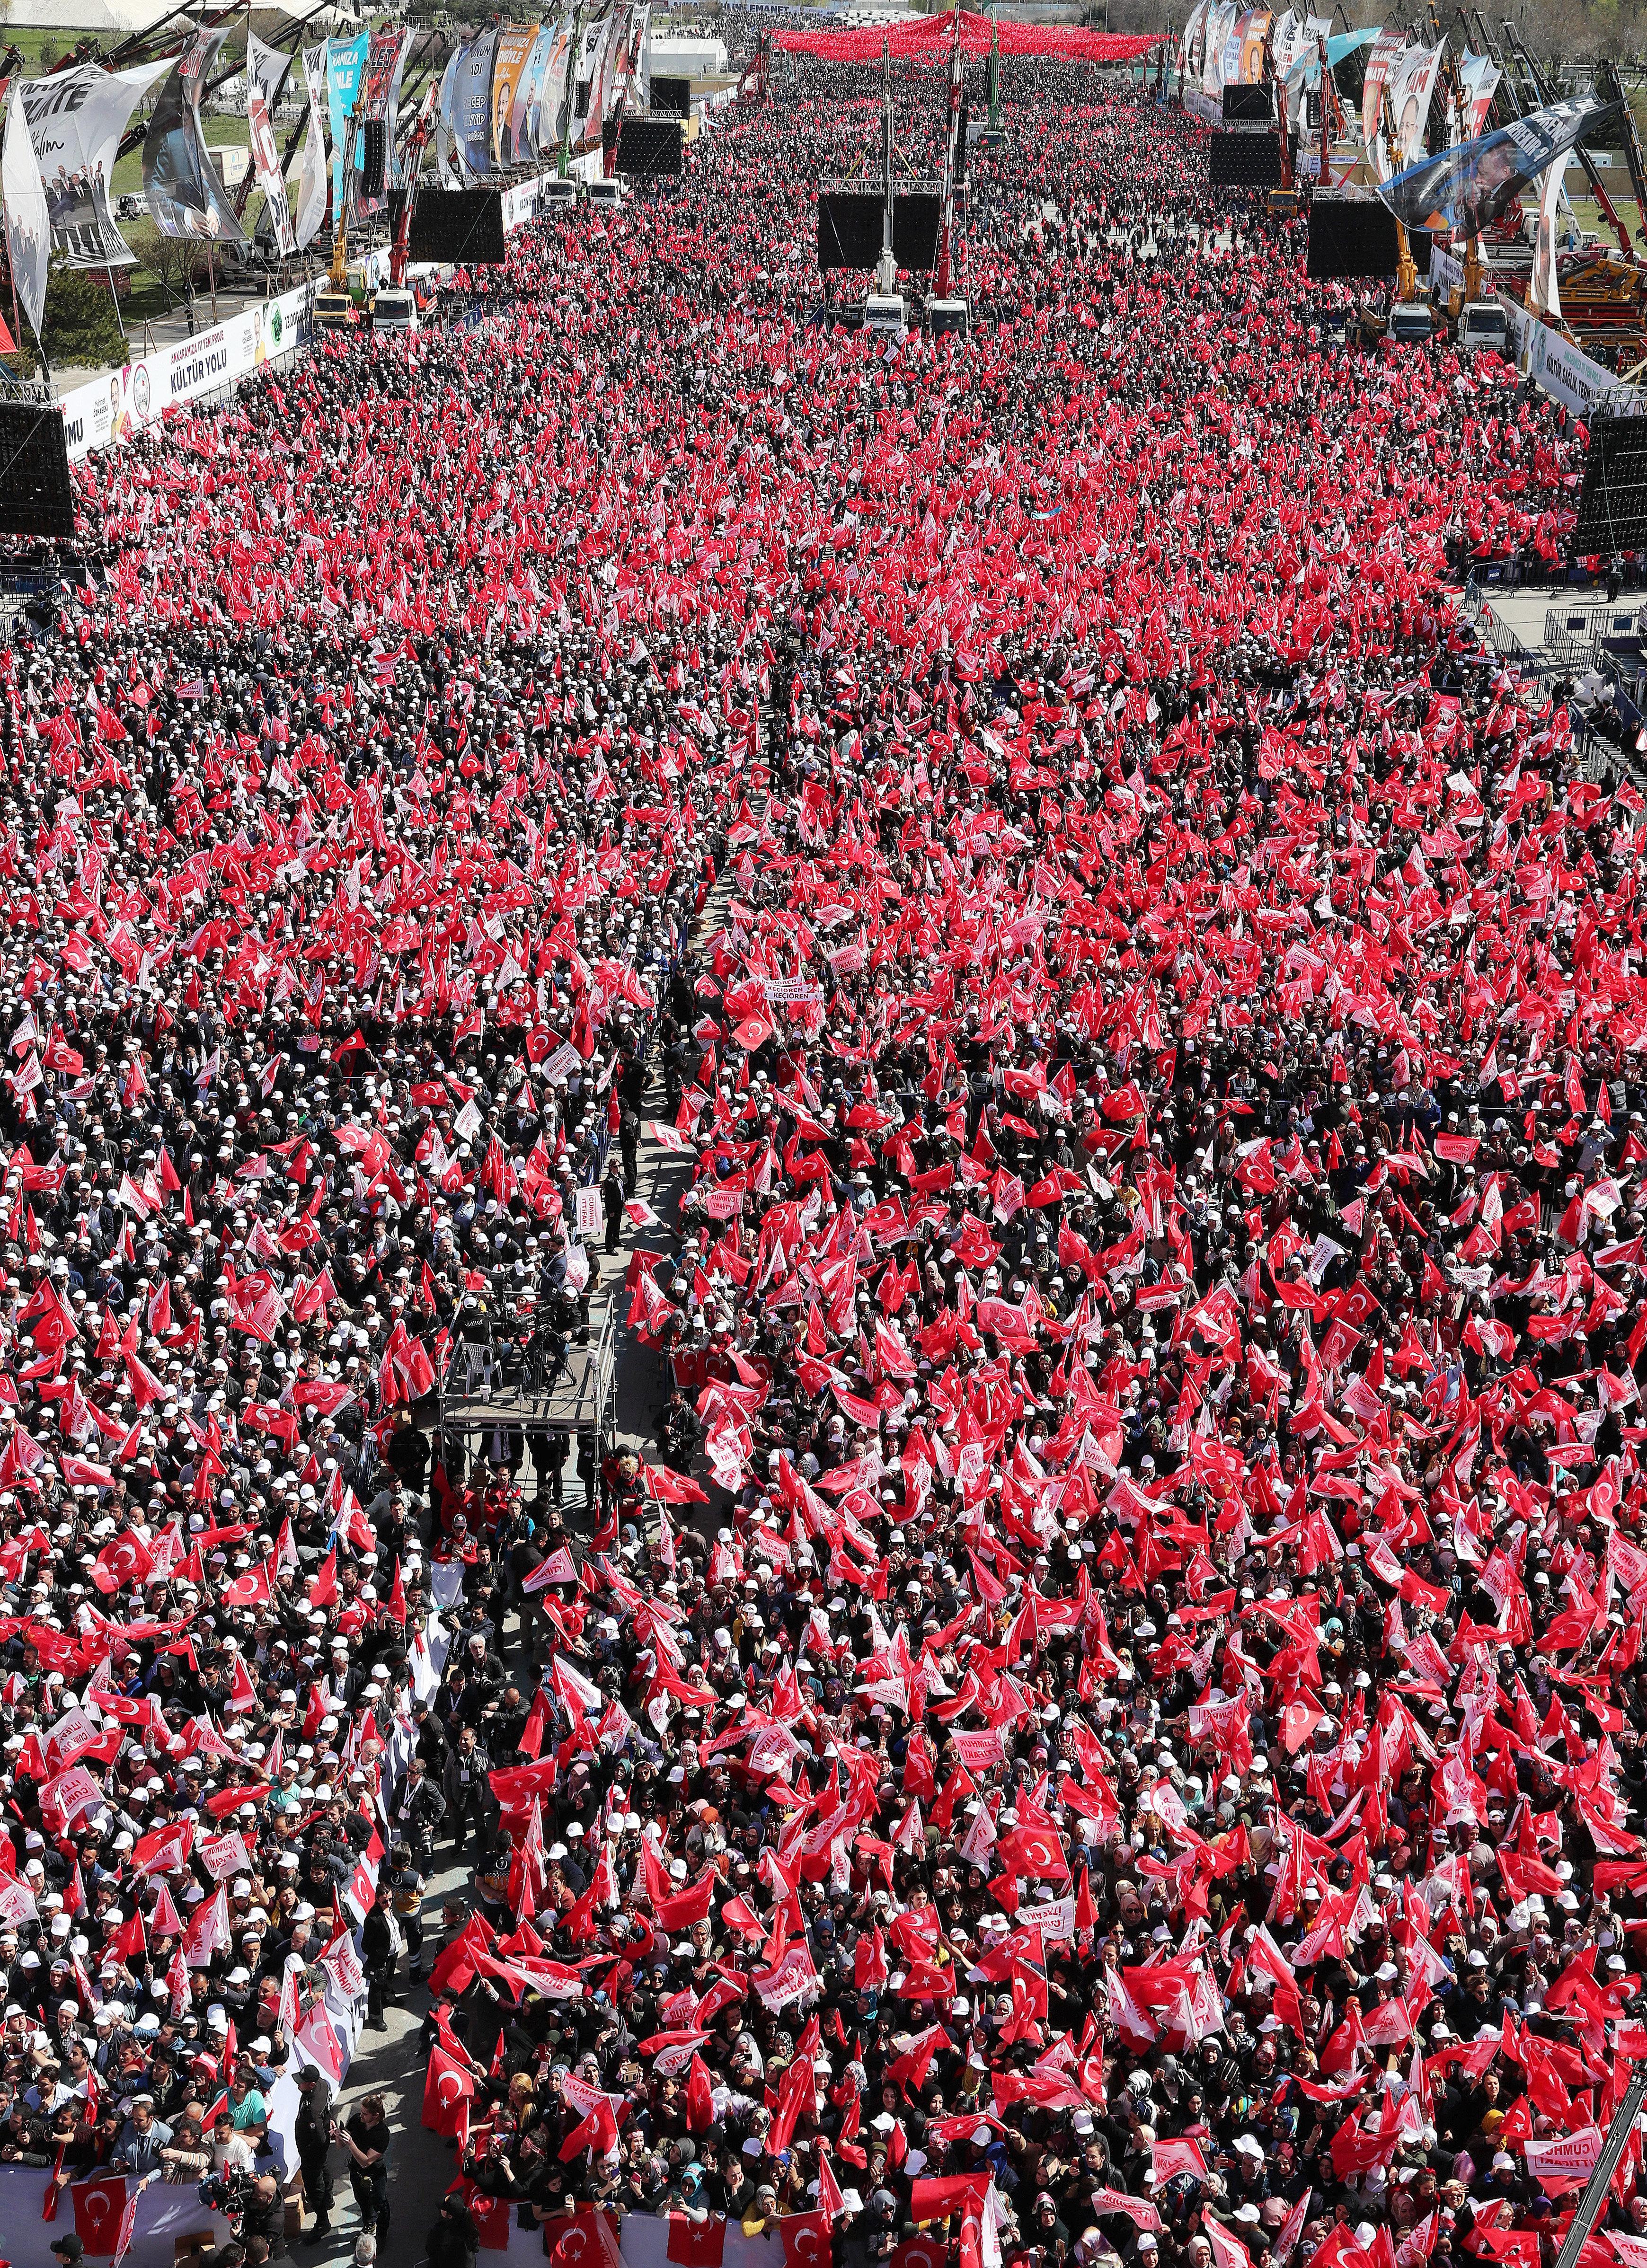 Erdoğan mitinge 450 bin kişinin katıldığını duyurdu